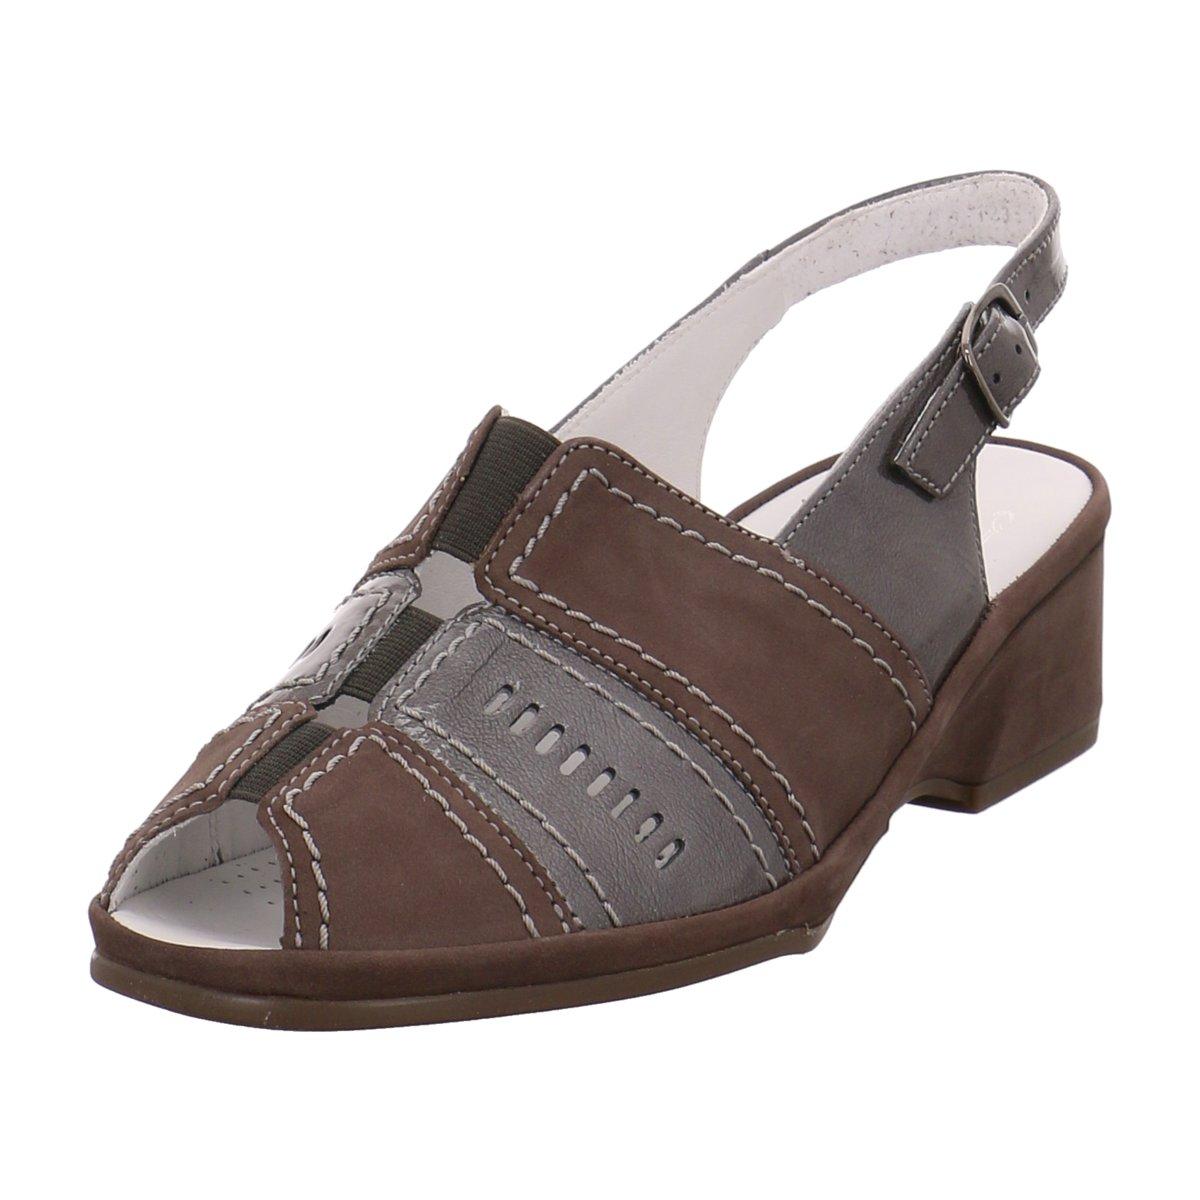 NEU ara Damen Sandaletten NV 12-37039-10 grau 146506 146506 grau 1d75a0